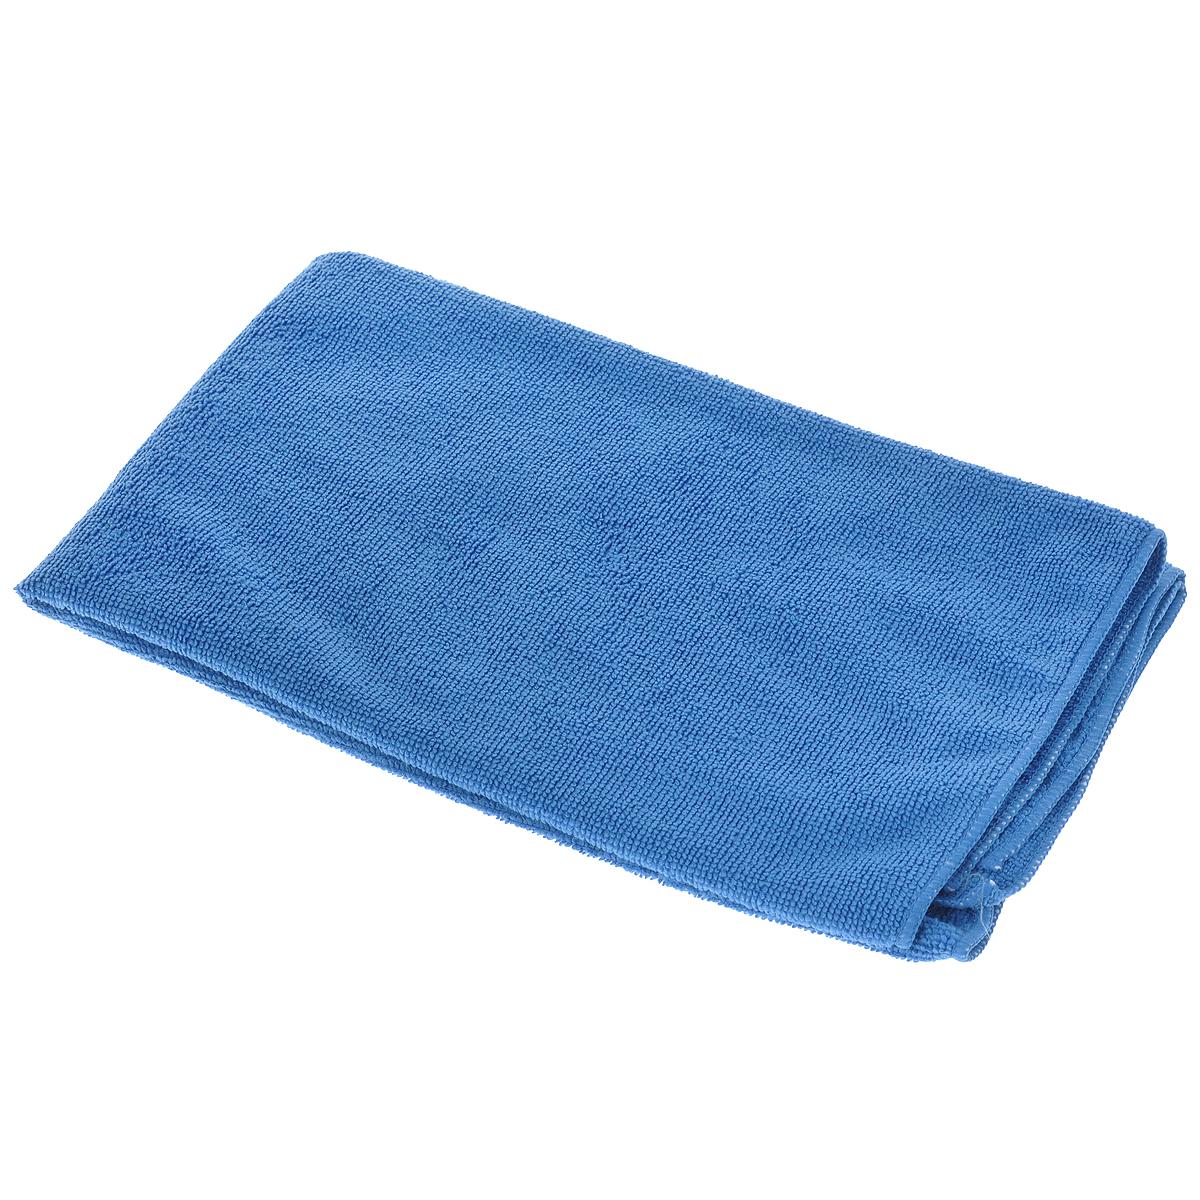 Тряпка для пола Home Queen Макси, цвет: синий, 70 х 80 см66371Тряпка для пола Home Queen Макси изготовлена из микрофибры. Гарантирует непревзойденную чистоту при сухой и влажной уборке. Не оставляет разводов и ворсинок. Идеальна для стеклянных и блестящих поверхностей. Удаляет жирные и маслянистые загрязнения без использования химических веществ. Проникает в самые недоступные места, не царапает поверхность. Впитывает гораздо больше воды, чем обычная ткань. Подходит для ручной и машинной стирки при температуре 40°С.